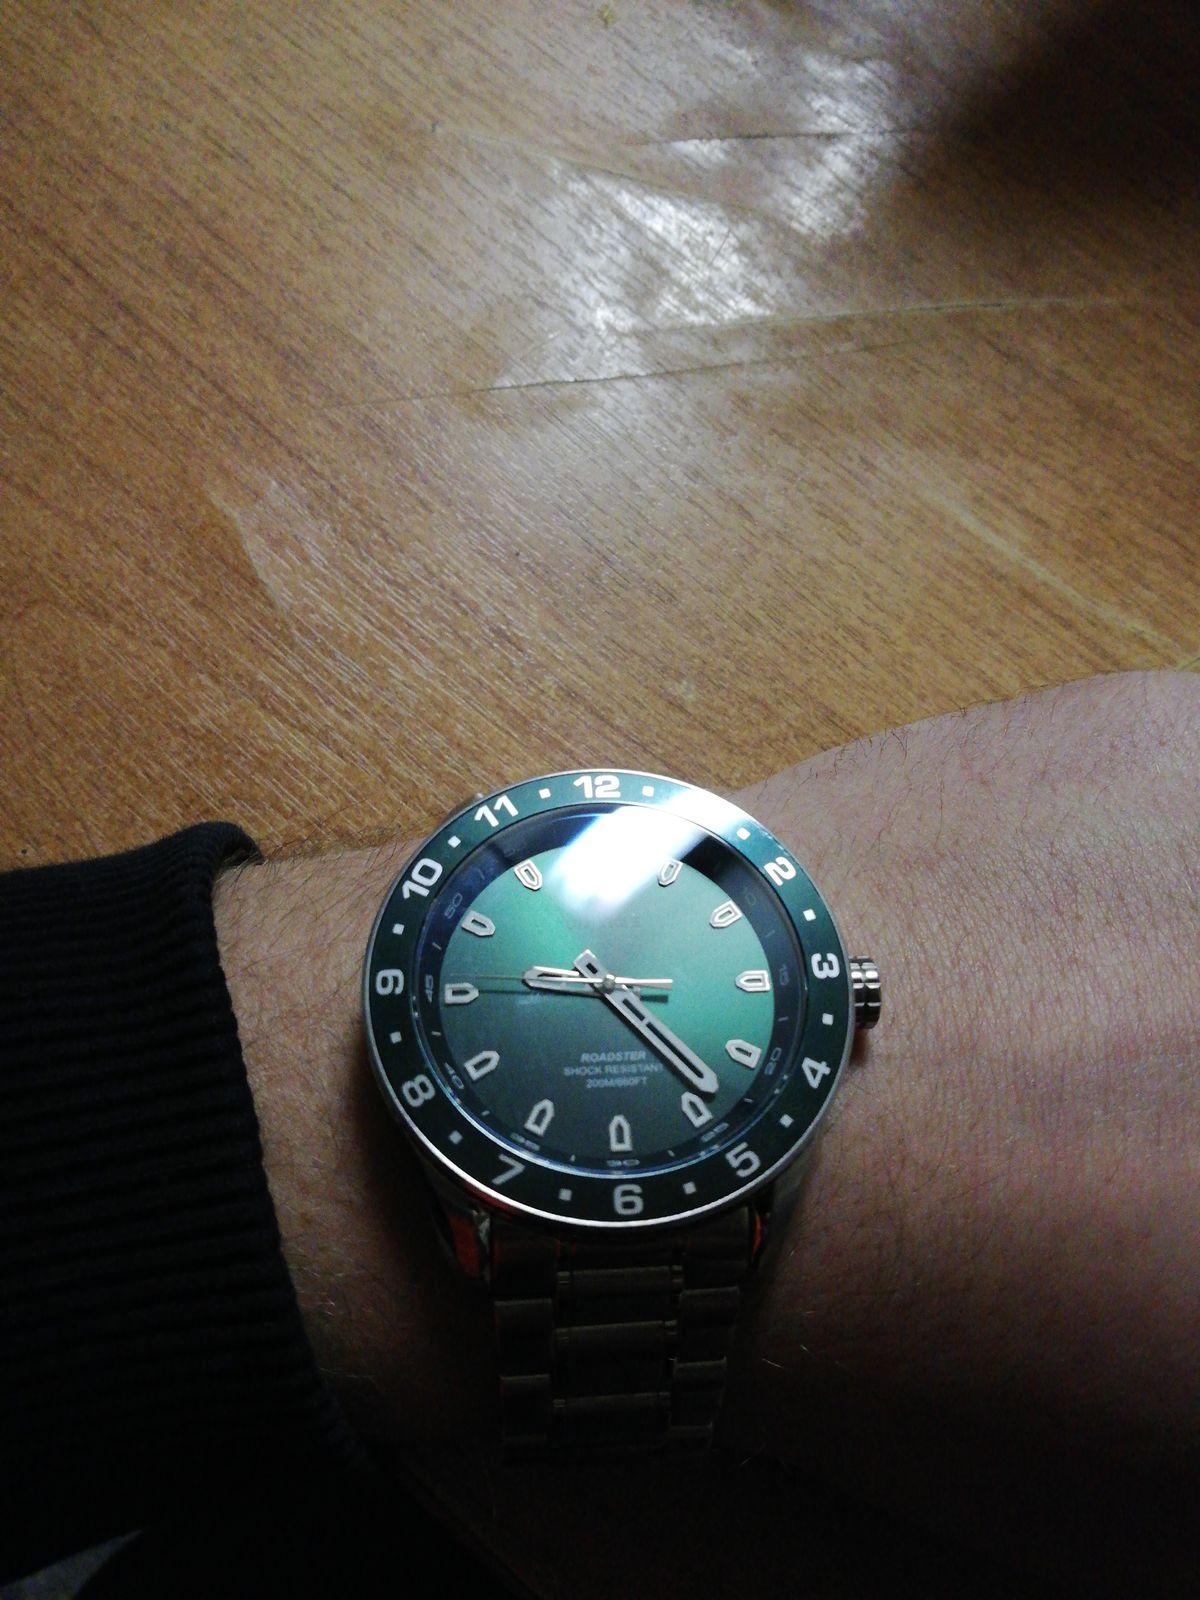 Часы очень хорошие, мне нравятся!